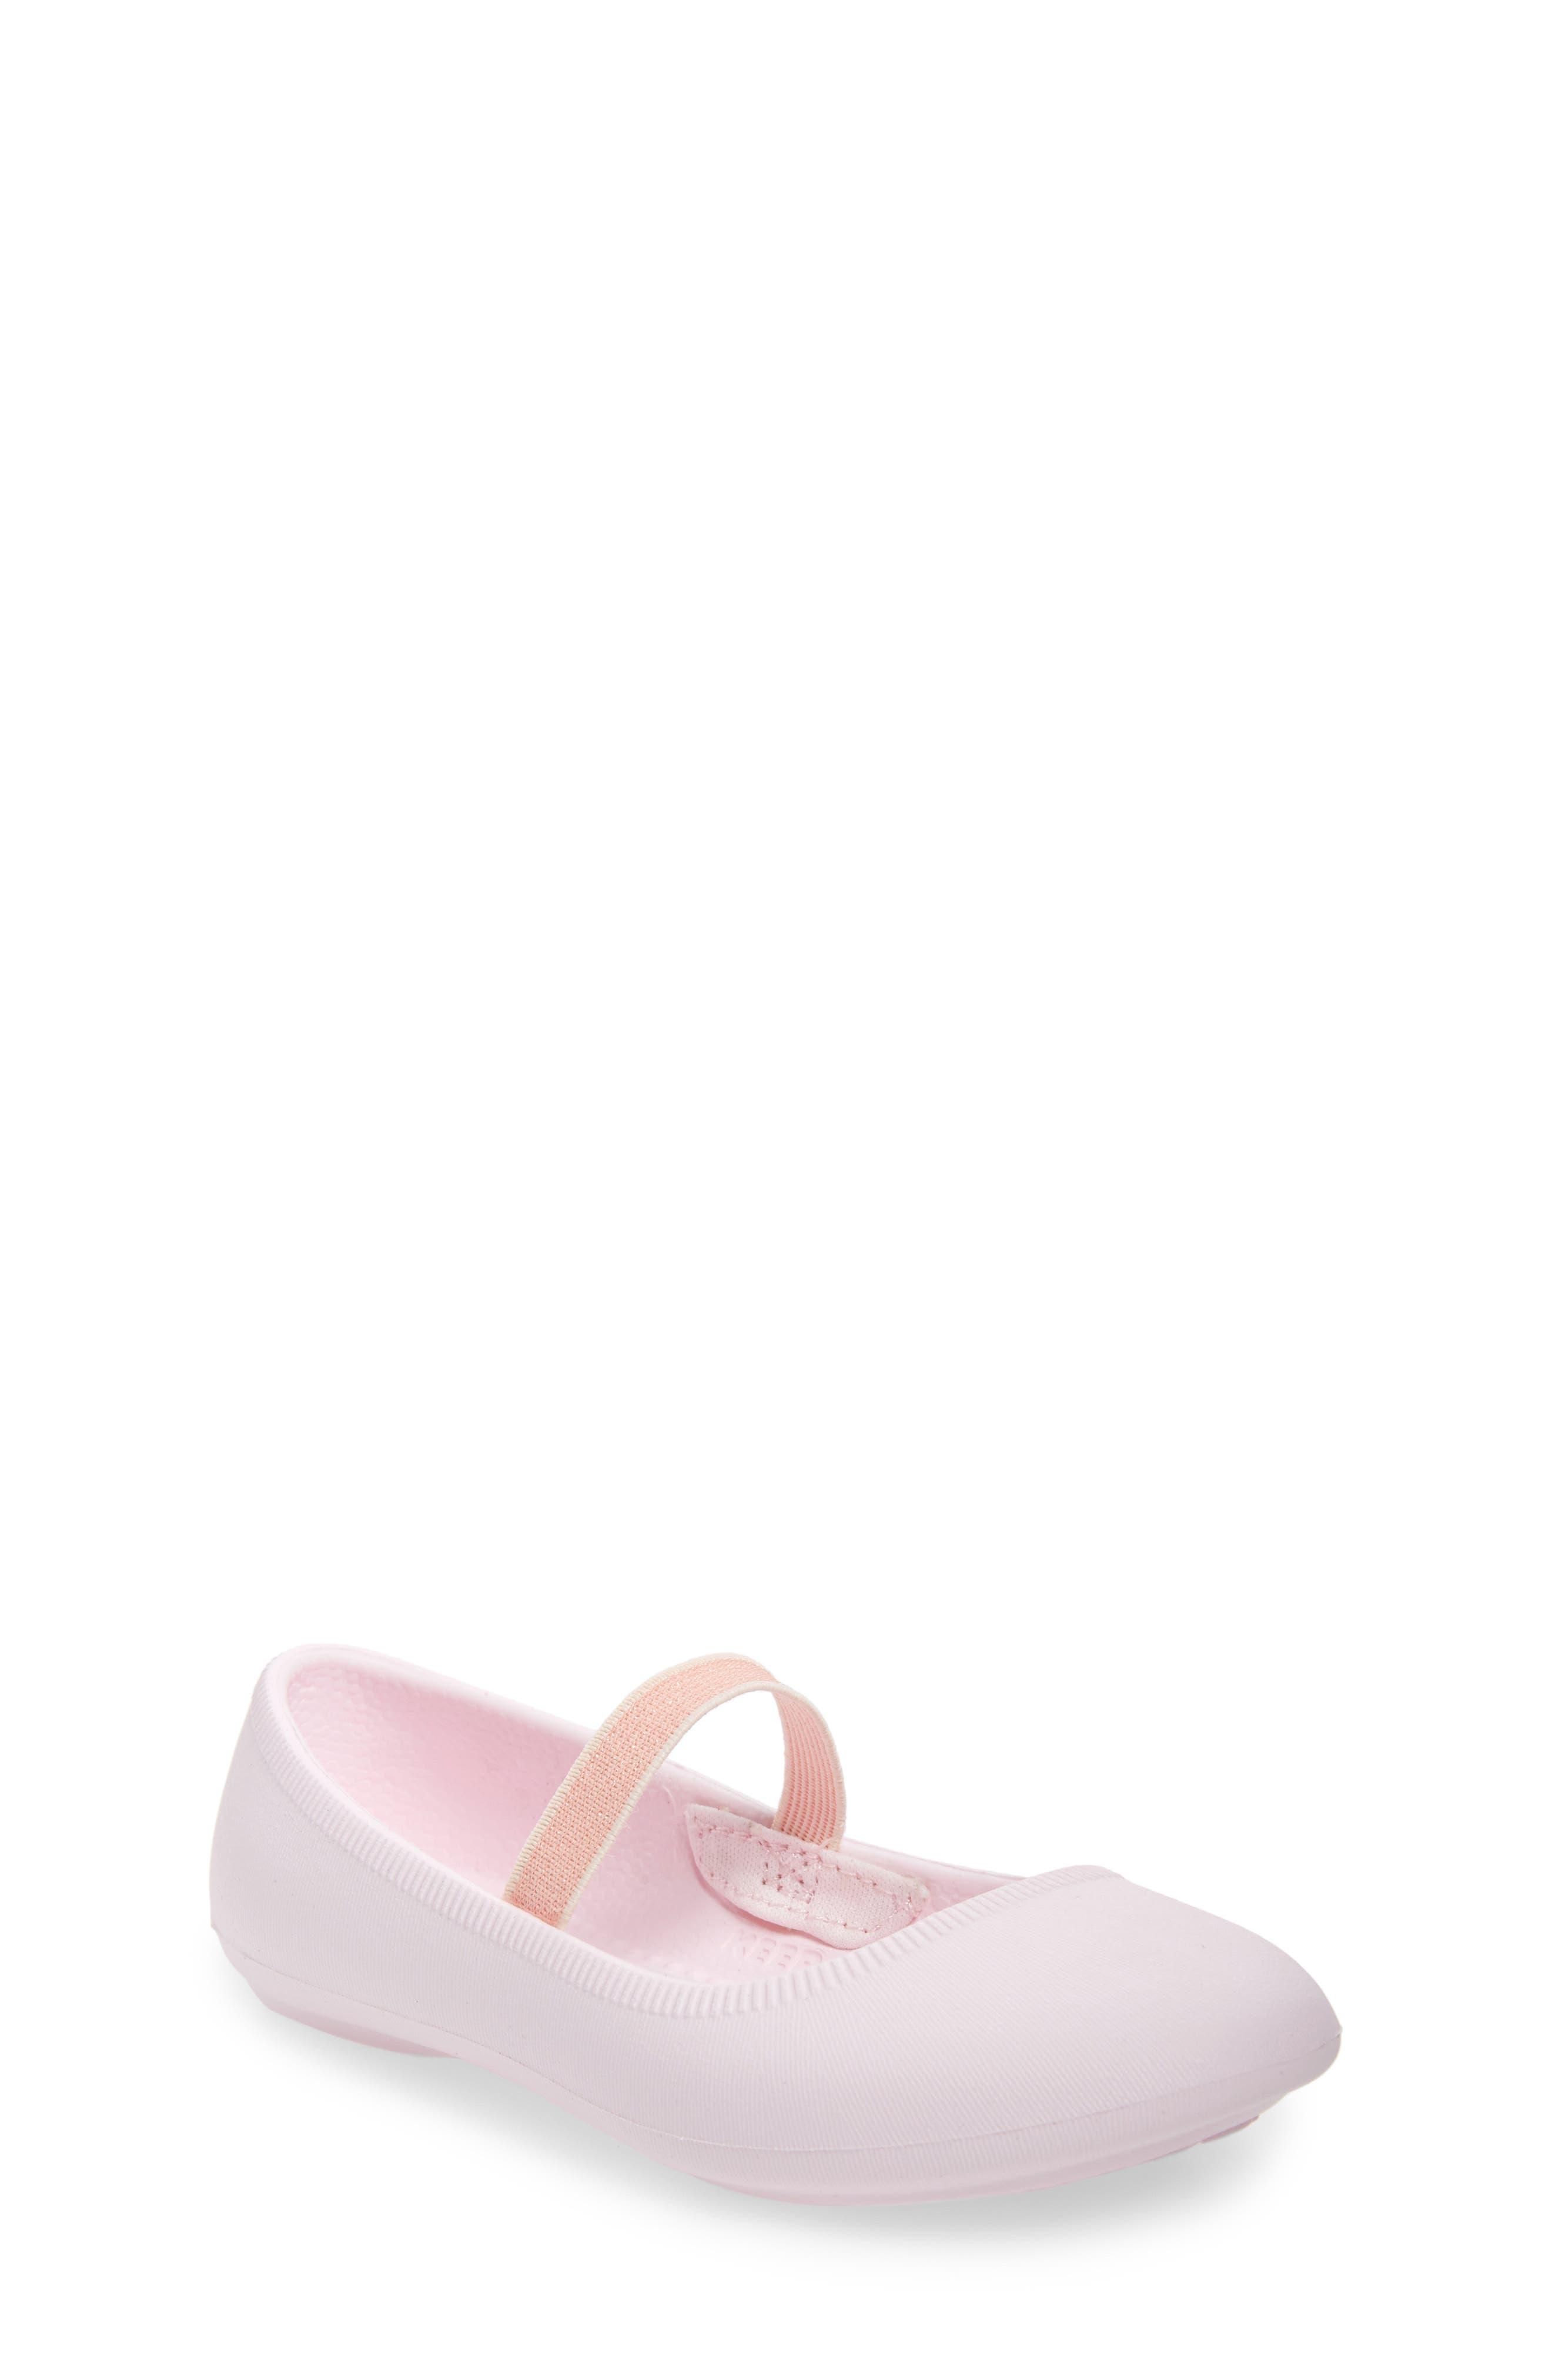 Toddler Girls Native Shoes Margot Vegan Mary Jane Flat Size 10 M  Pink